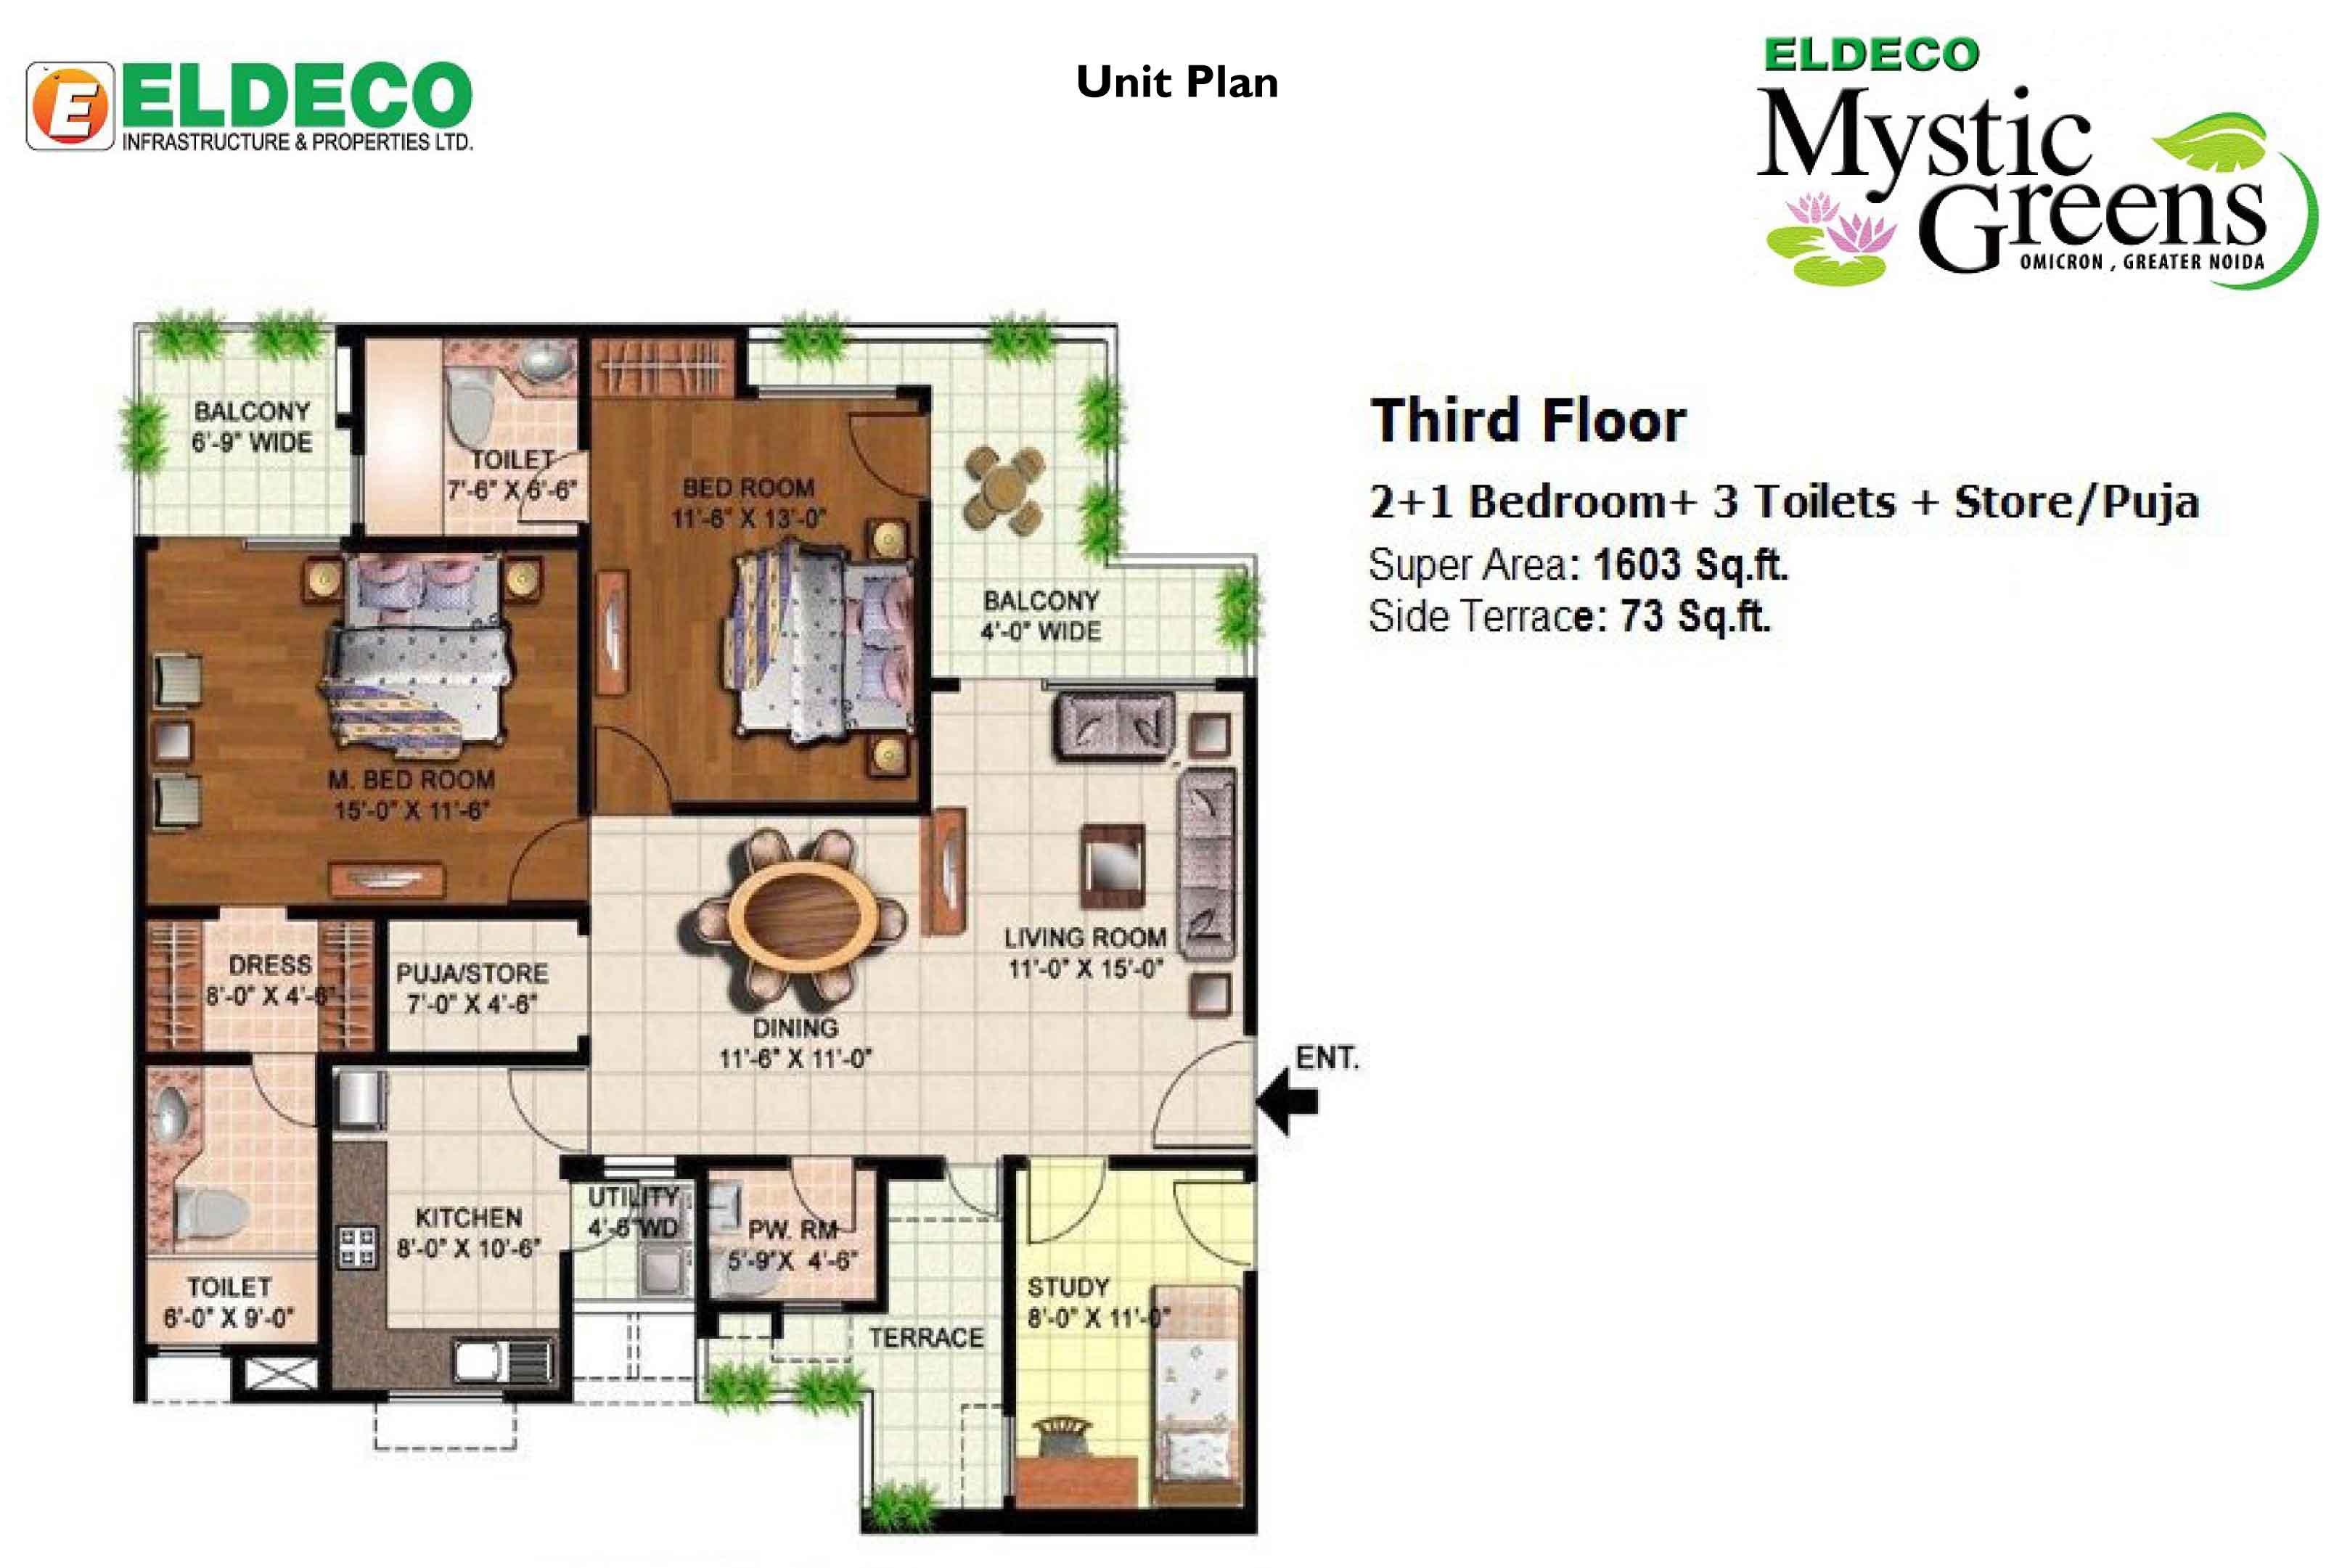 eldeco mystic green floor plan 2bhk+3toilet 1603 sqr ft